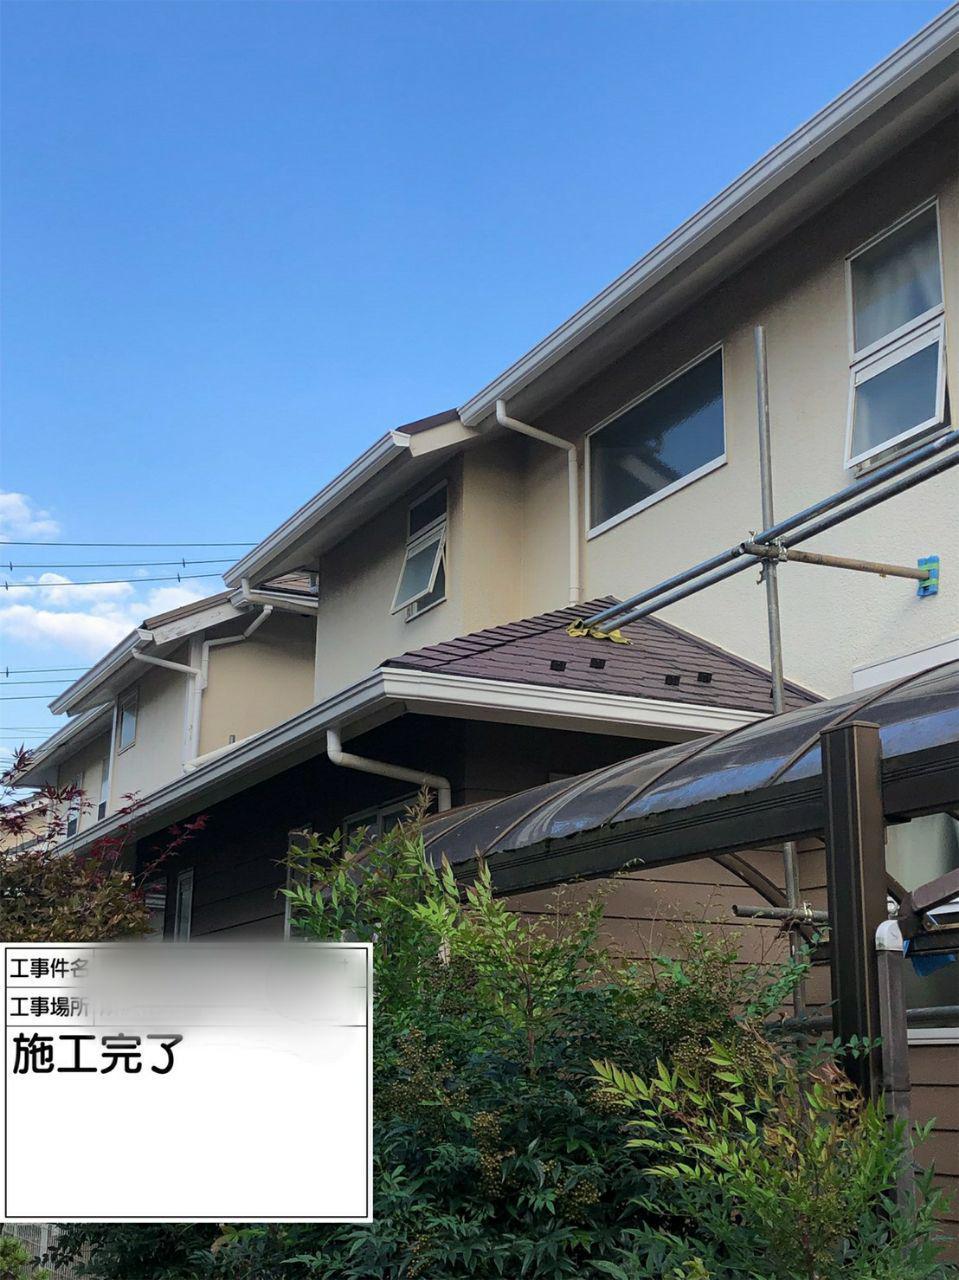 火災保険工事完了!埼玉県所沢市で台風や雪の被害を修理修繕